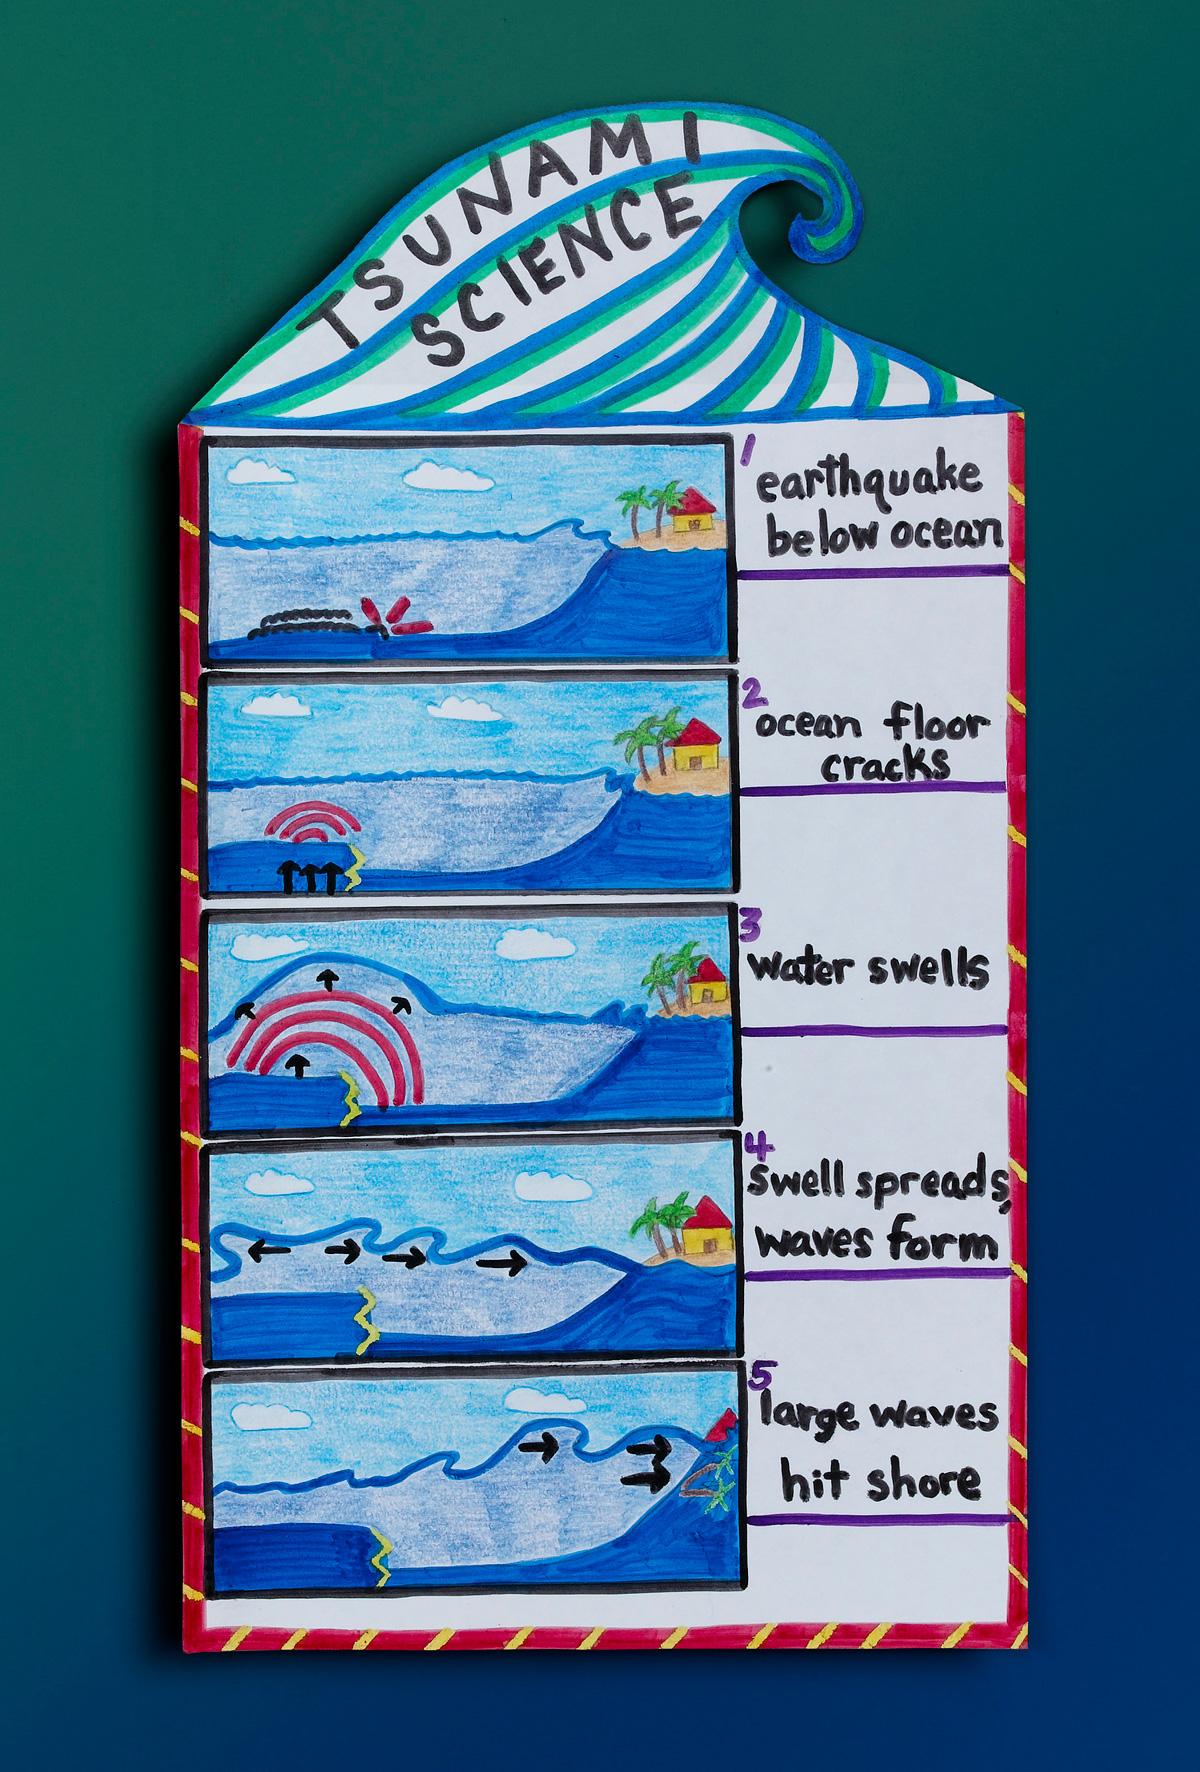 Track a Tsunami : crayola.com